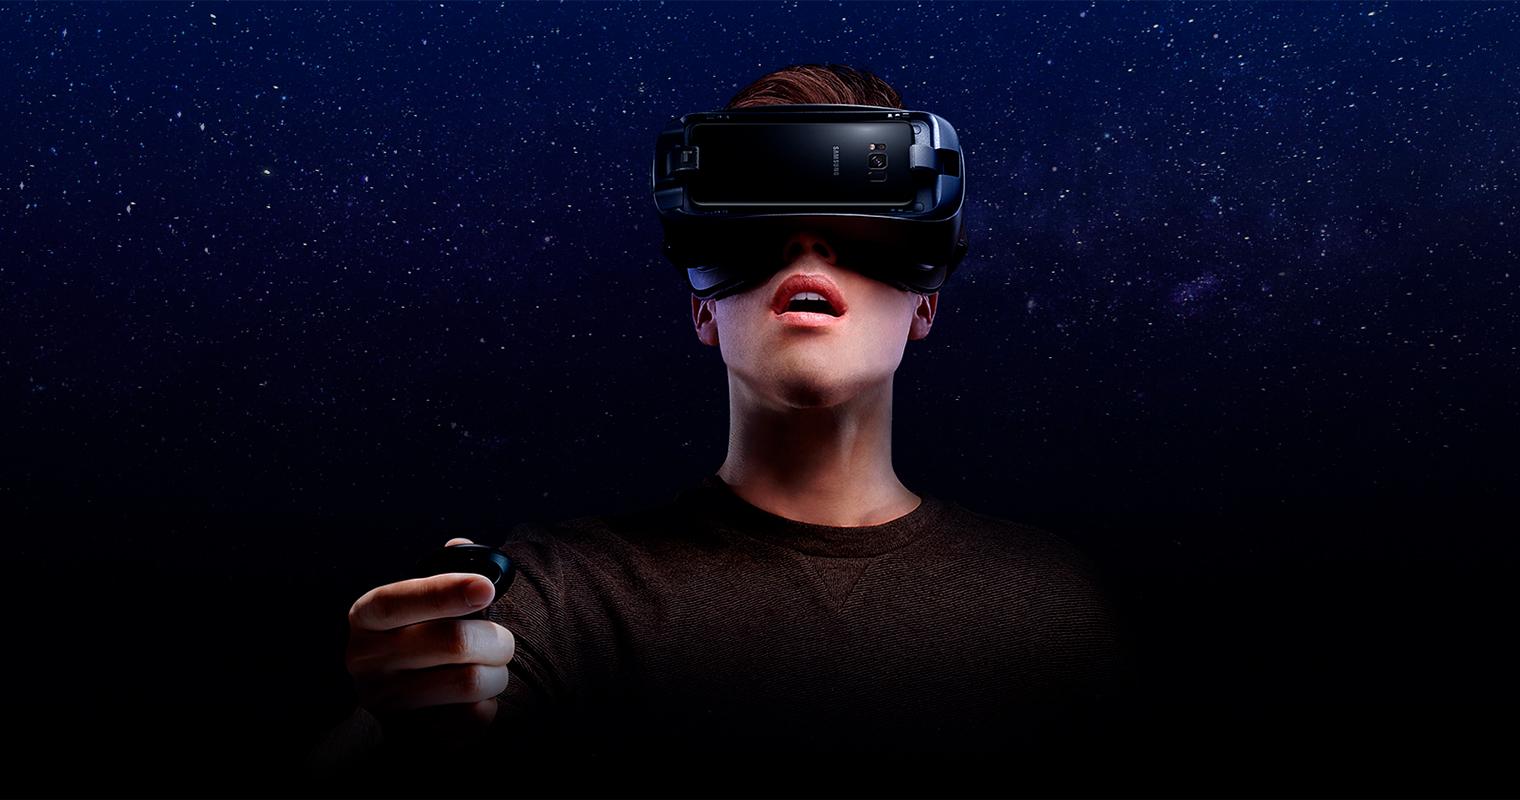 Виртуальная реальность: новые возможности и преимущества